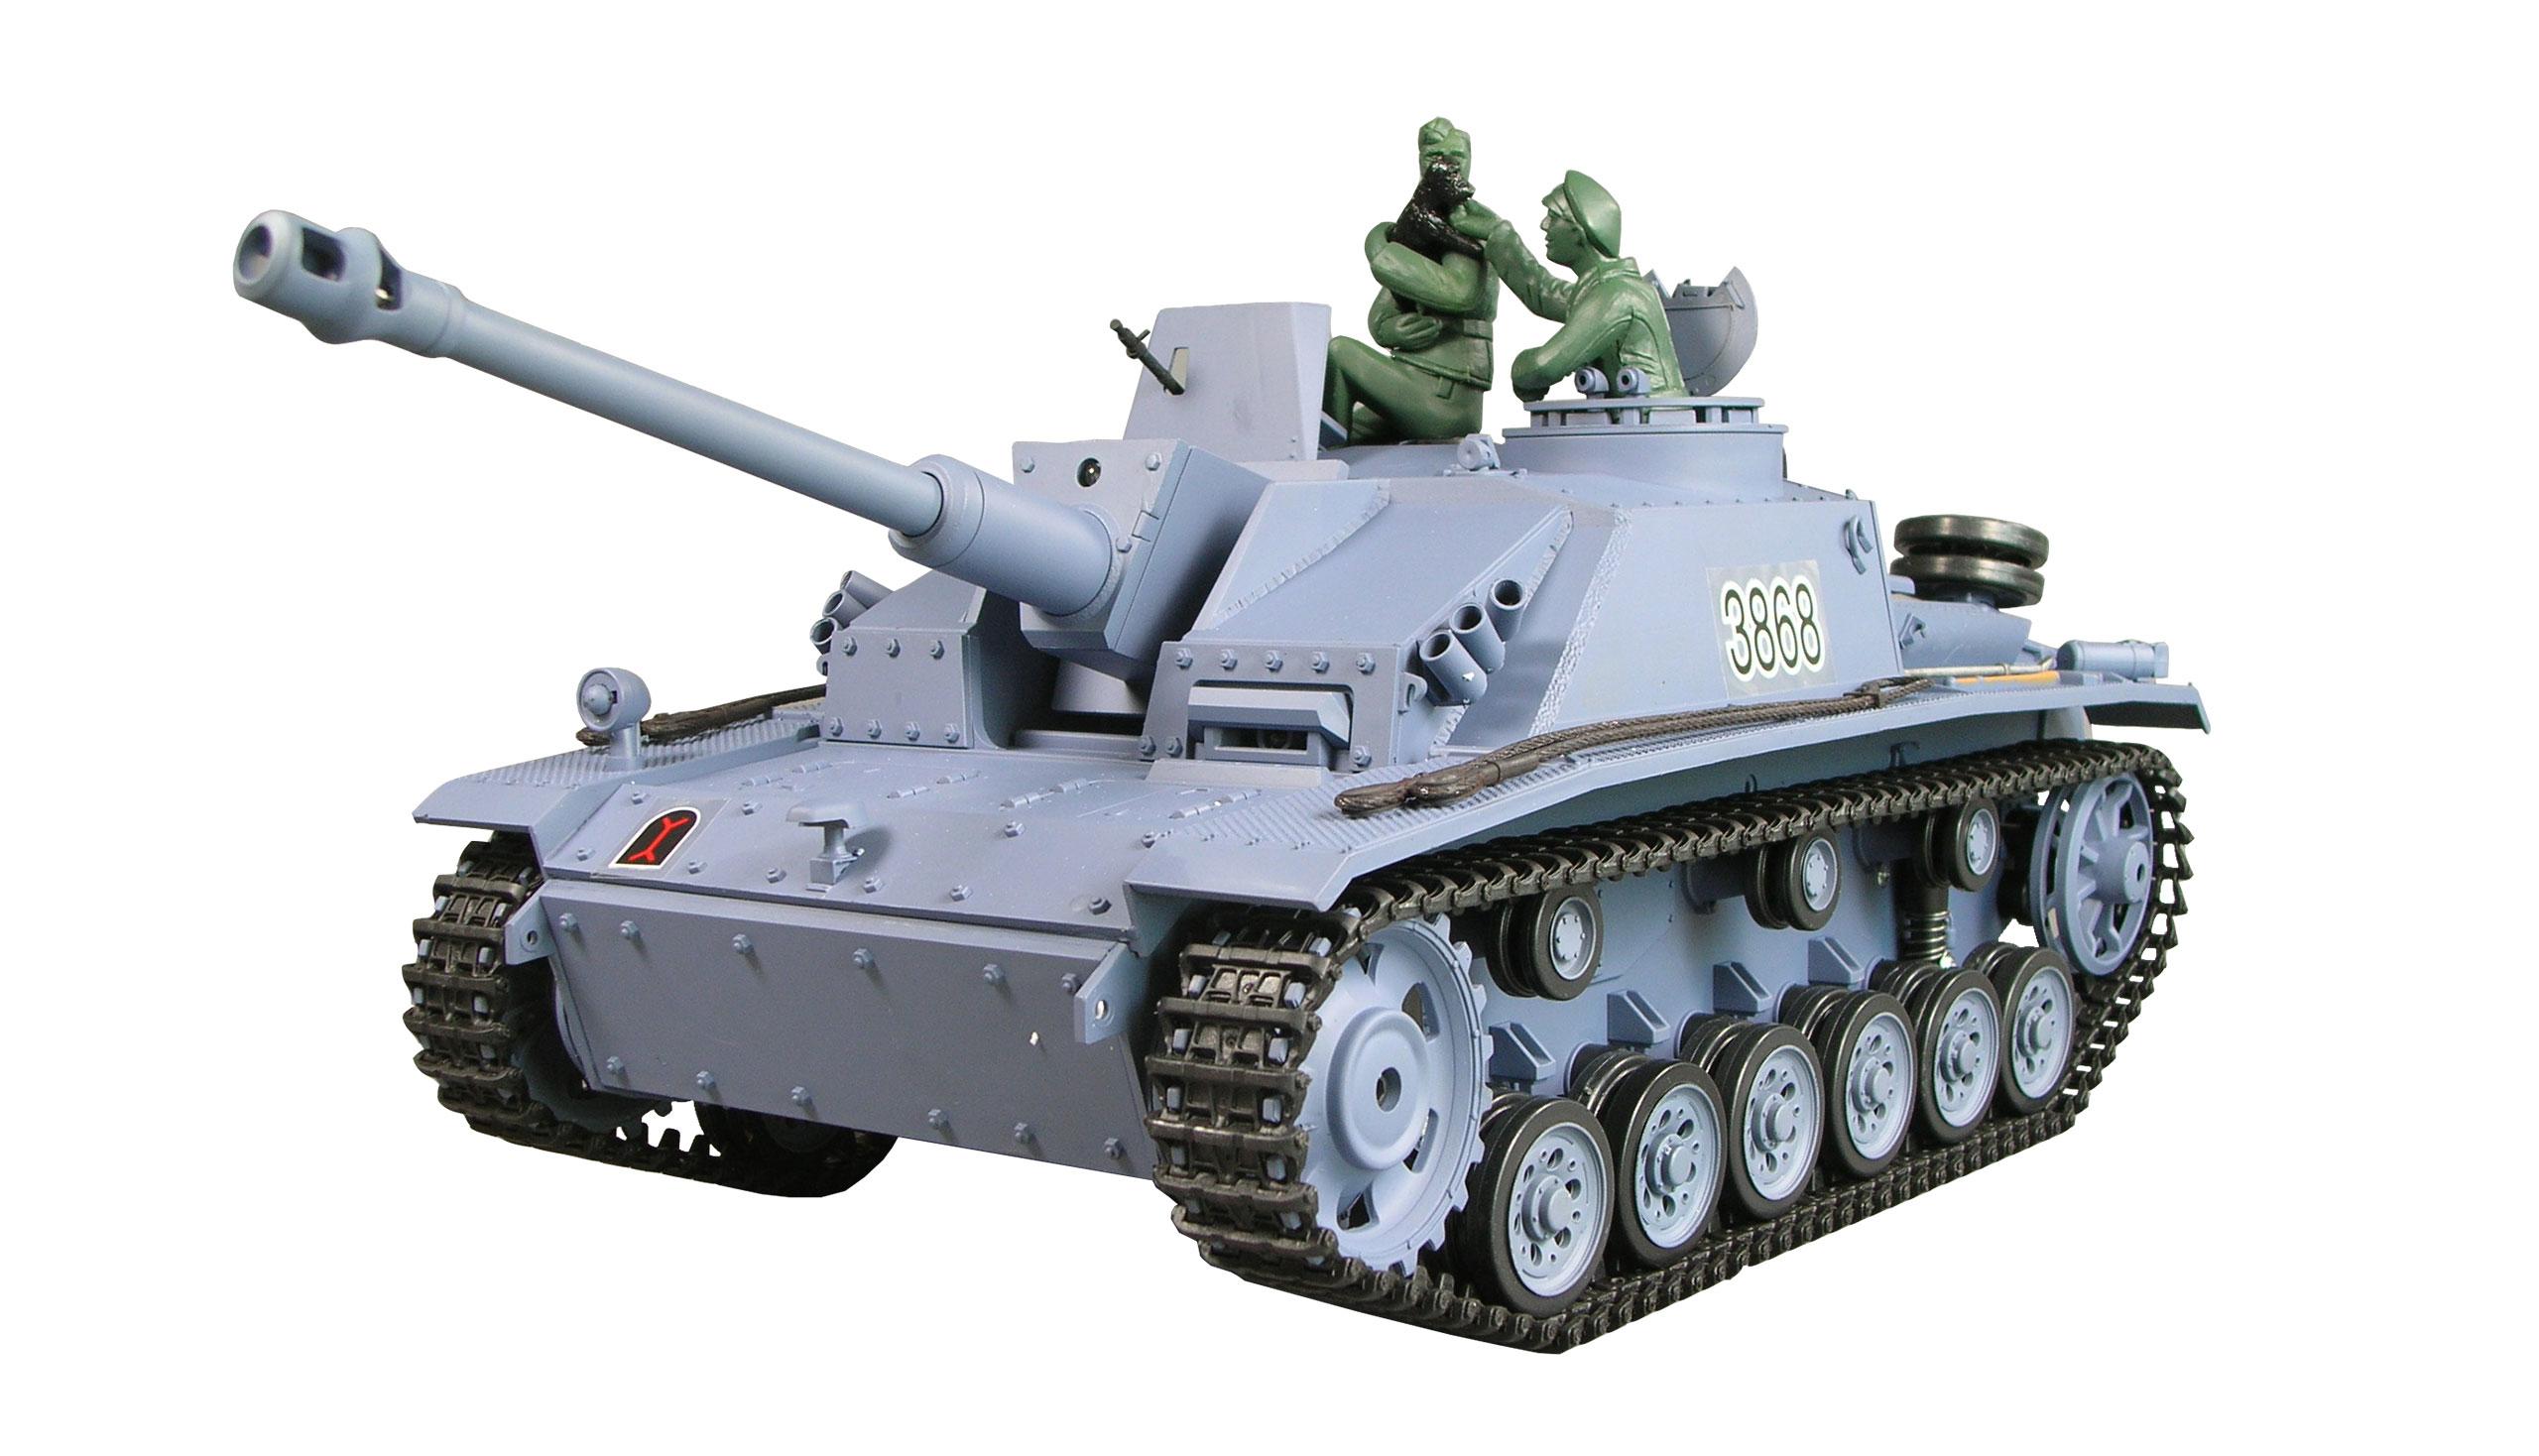 Amewi Sturmgeschütz III G - Funkgesteuerter (RC) Panzer - Elektromotor - 1:16 - Betriebsbereit (RTR) - Junge - 14 Jahr(e)